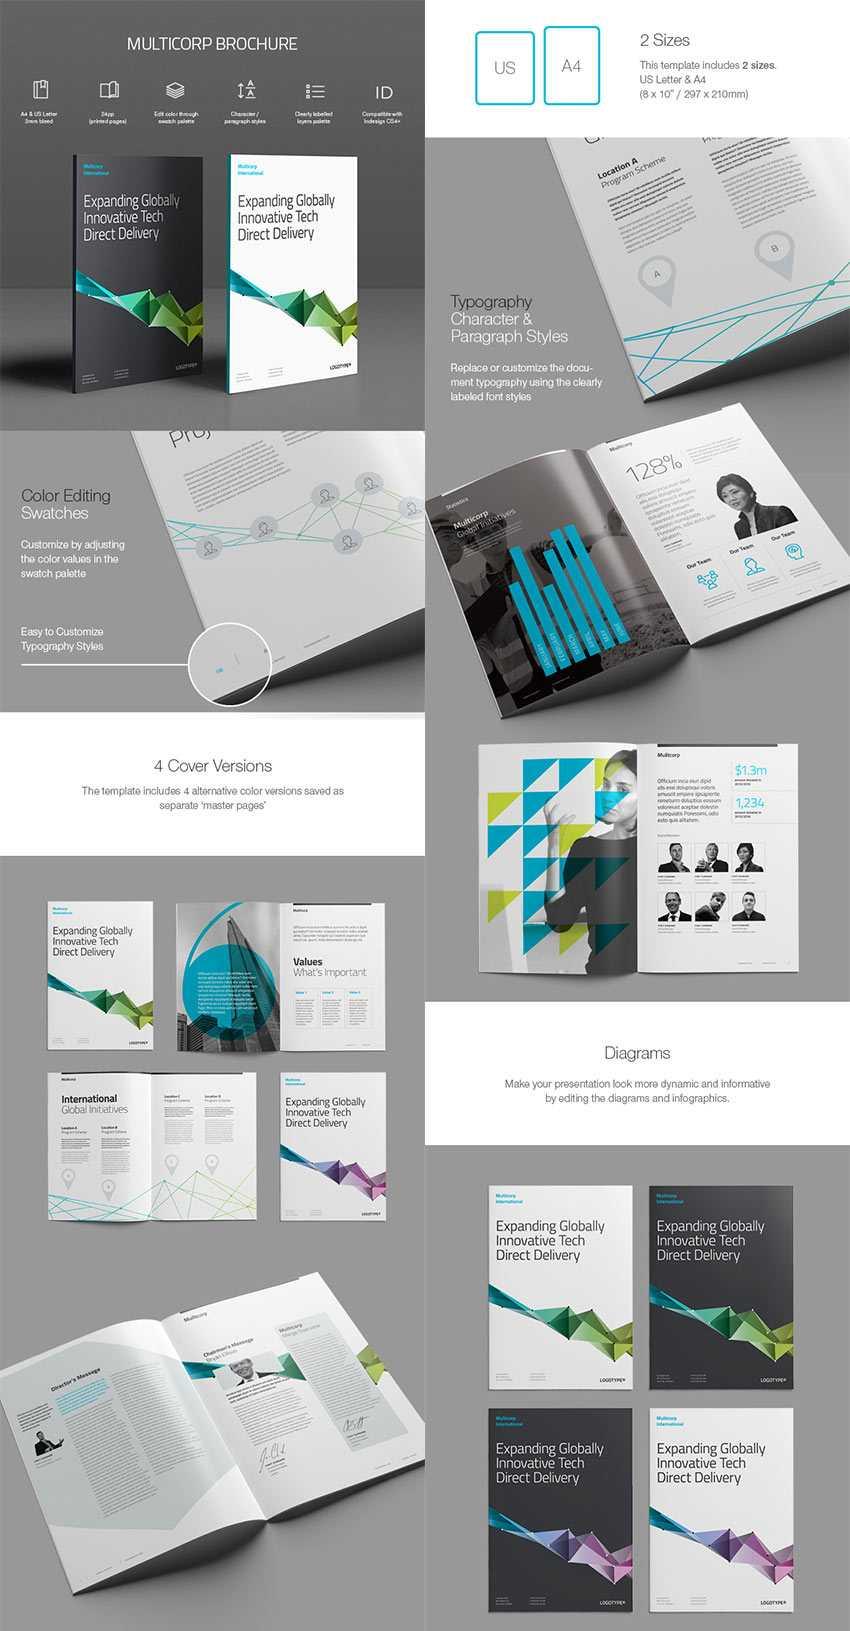 20 Лучших Шаблонов Indesign Brochure - Для Творческого For Brochure Templates Free Download Indesign